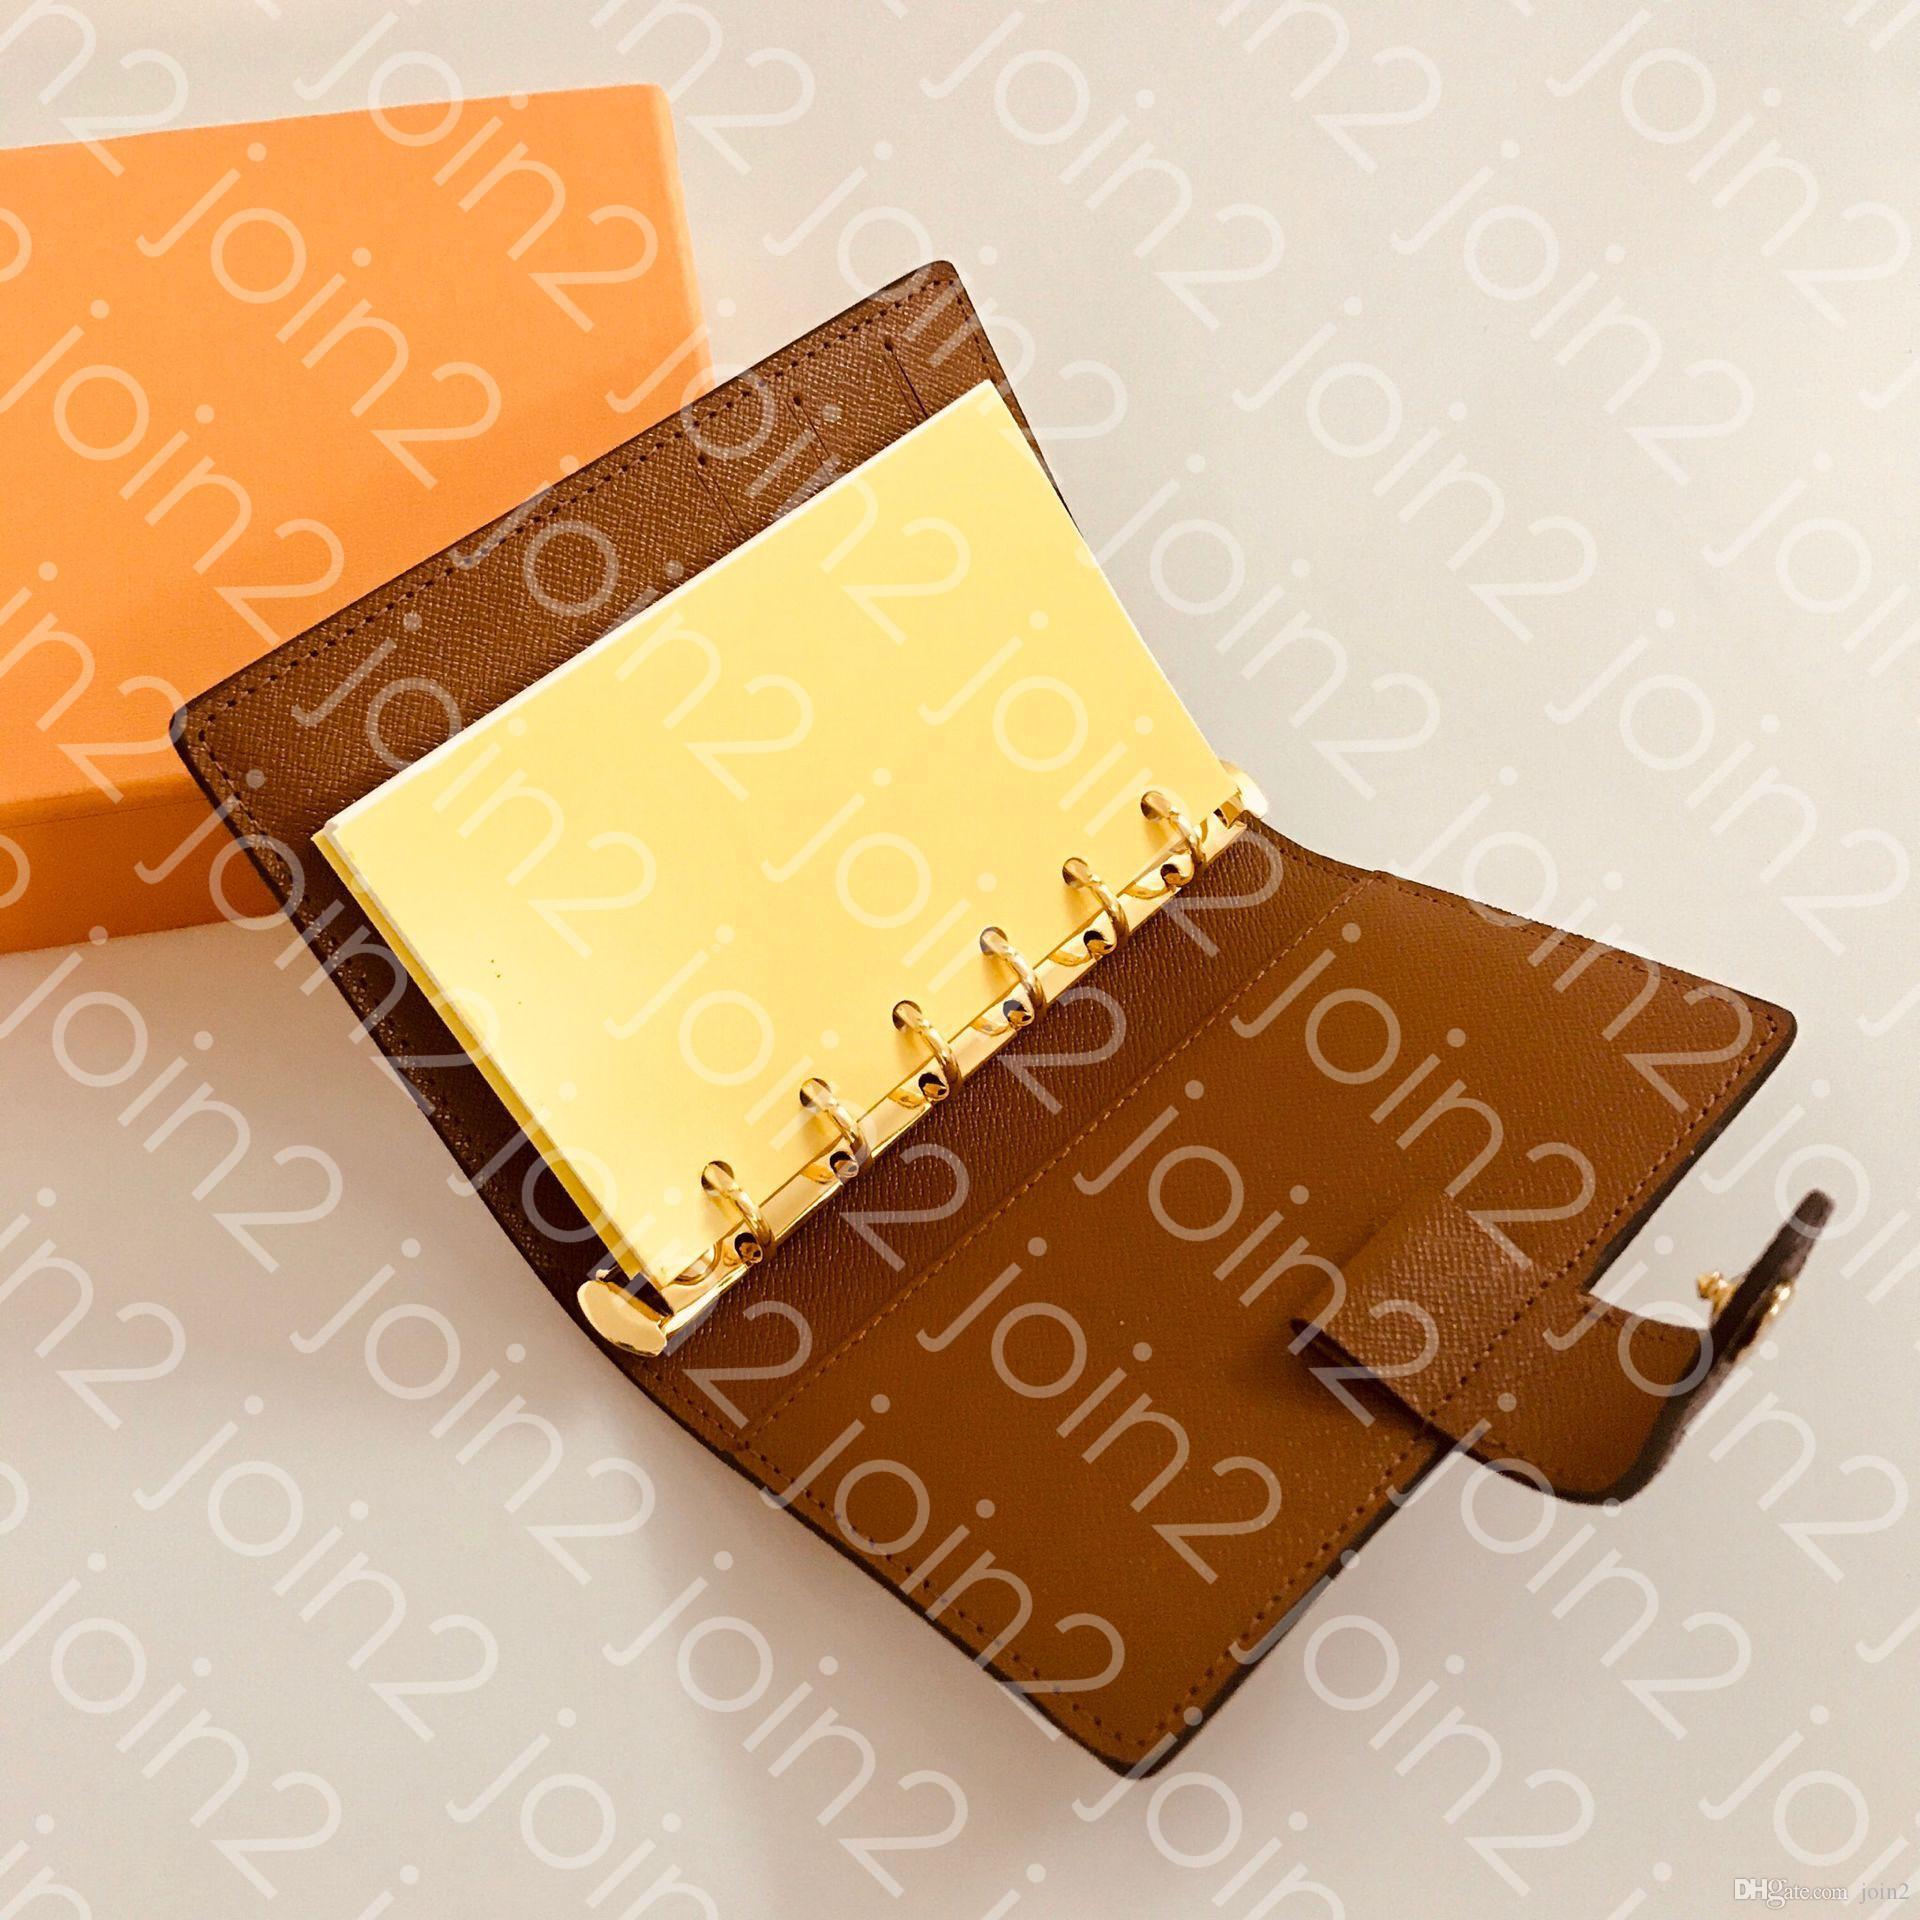 R20105 중형 소형 링 어젠다 커버 디자이너 Womens 패션 노트 신용 카드 홀더 케이스 고급 지갑 아이코닉 브라운 방수 캔버스